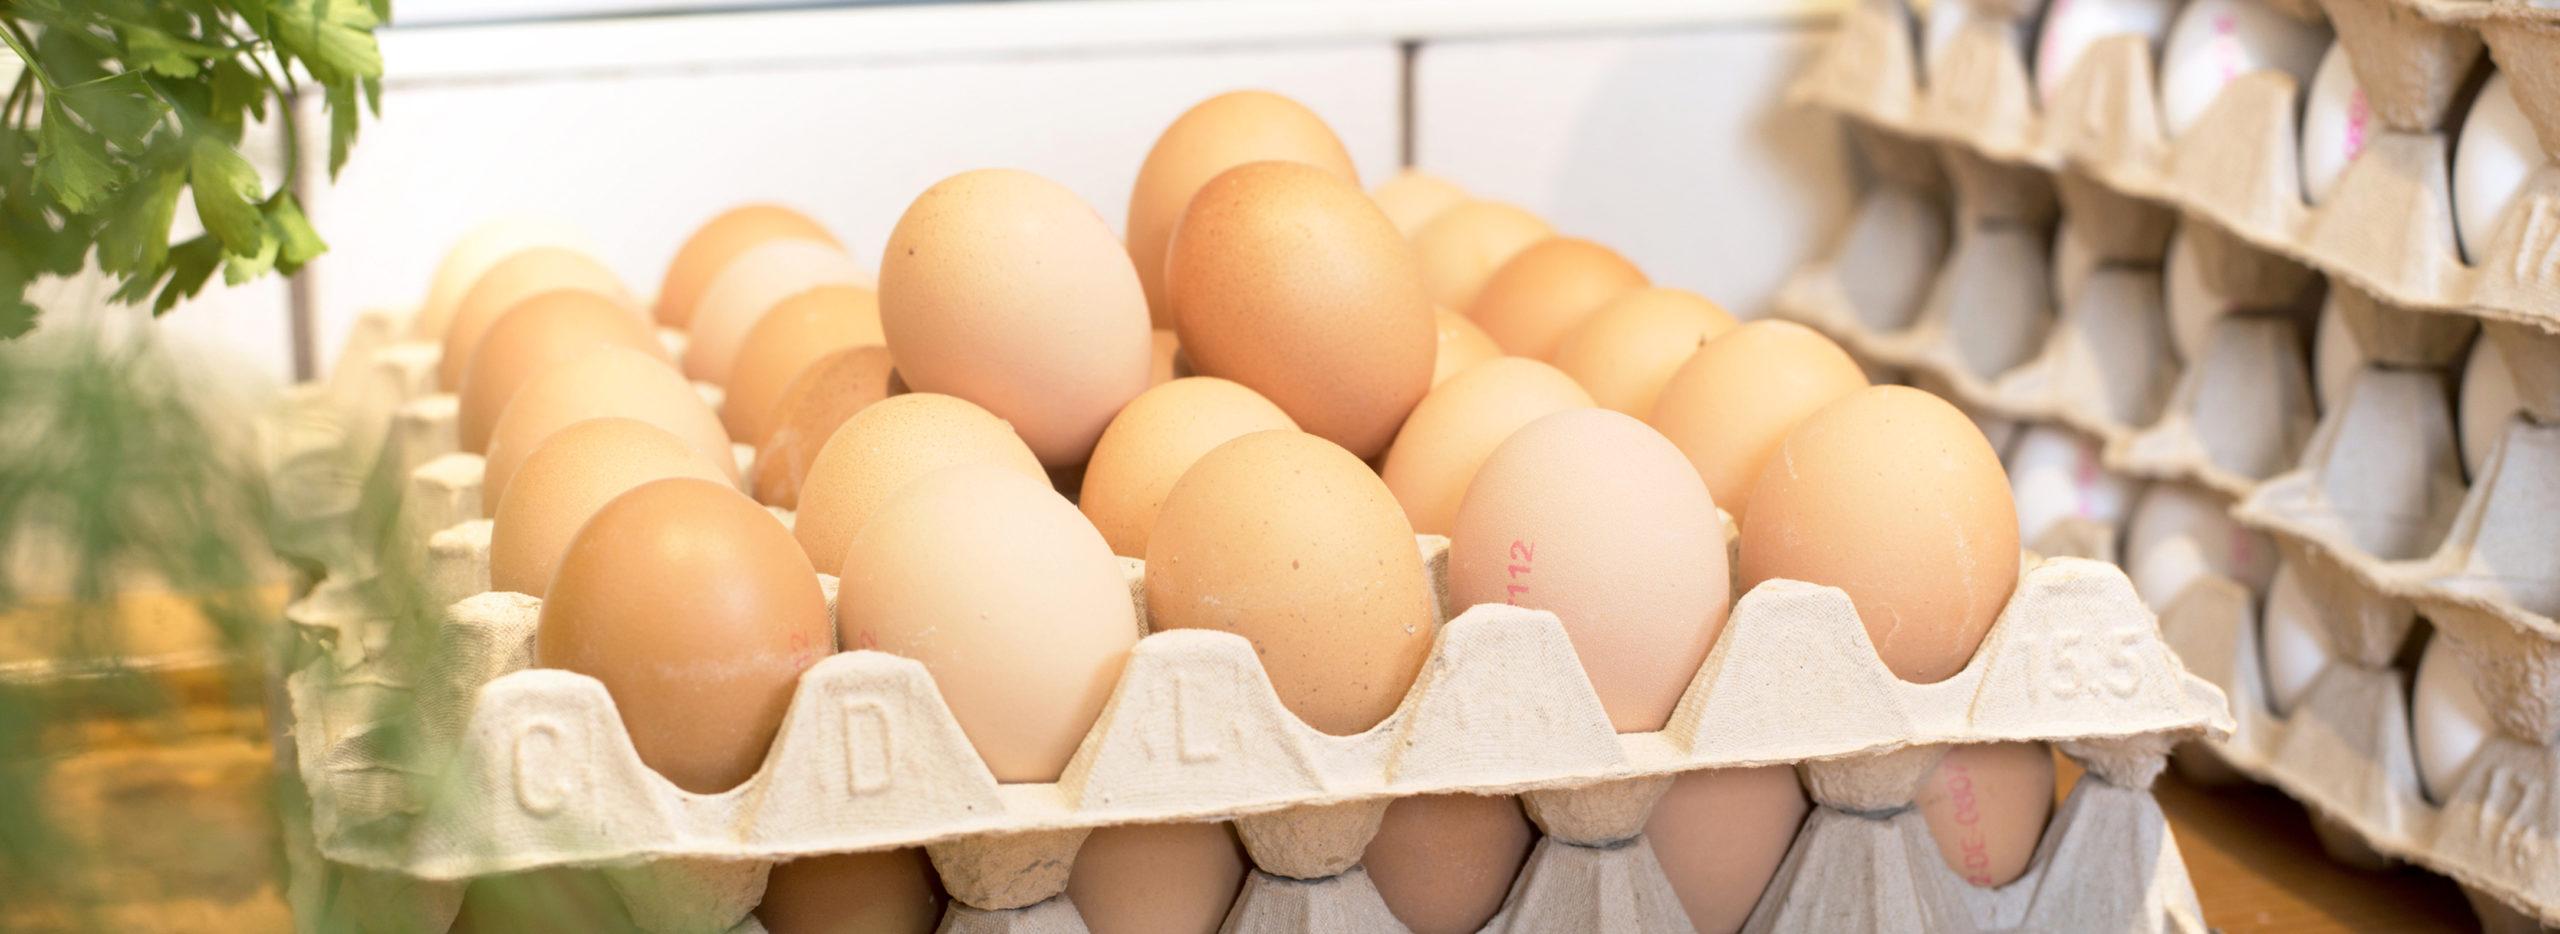 Paletten mit Eiern